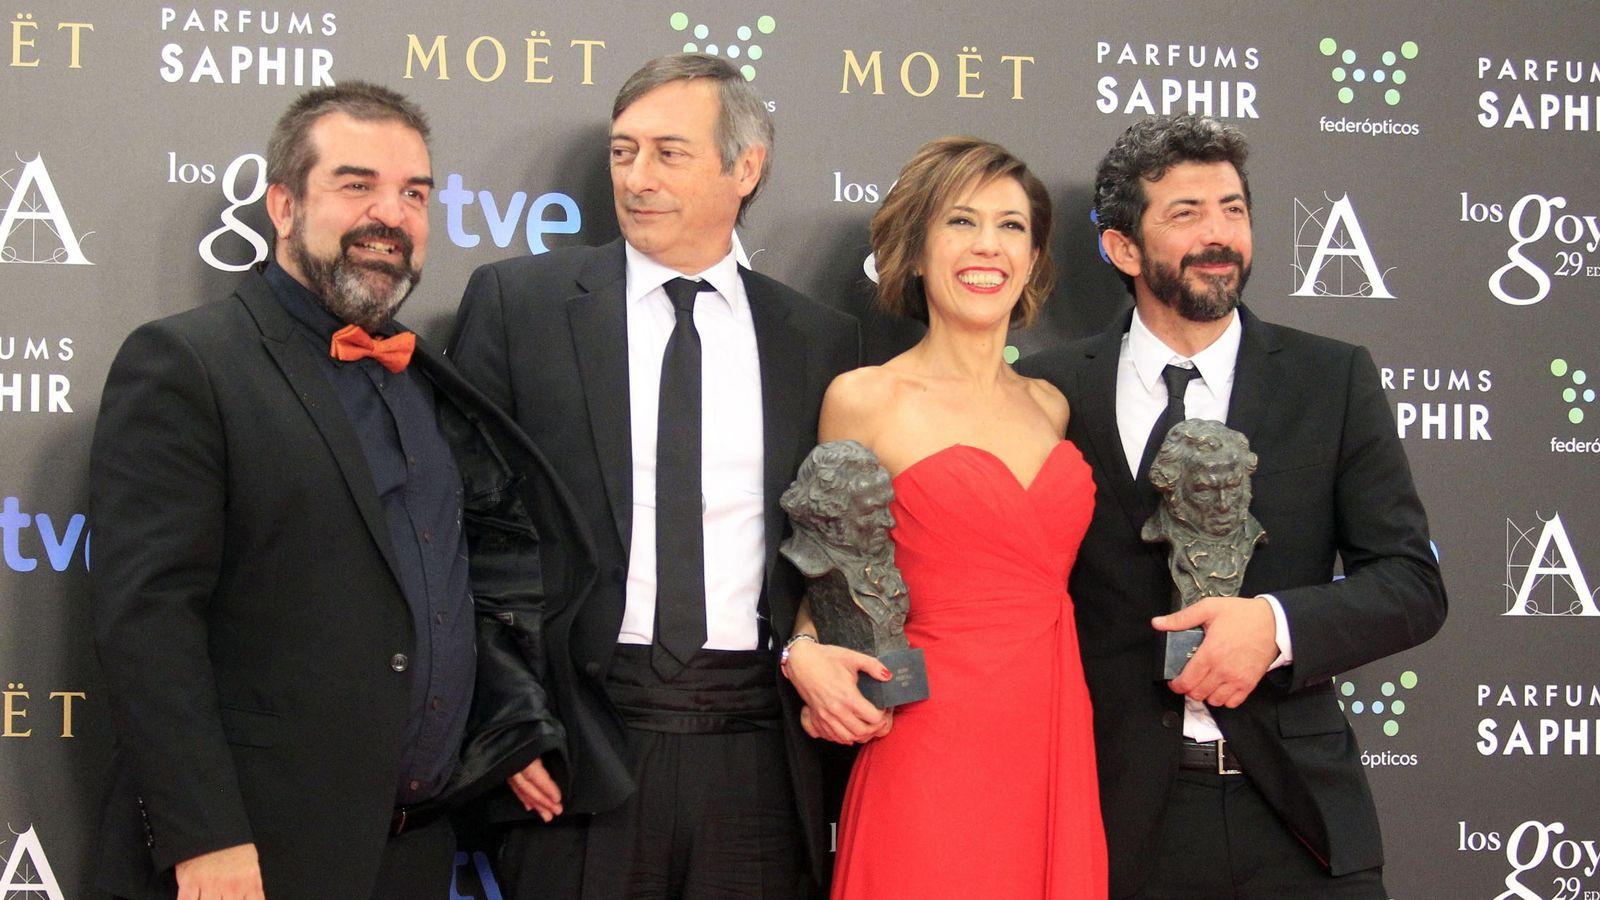 Foto: Gervasio Iglesias, José Antonio Félez, Mercedes Gamero y Alberto Rodríguez tras recibir el Goya a la Mejor película por La isla mínima (EFE)